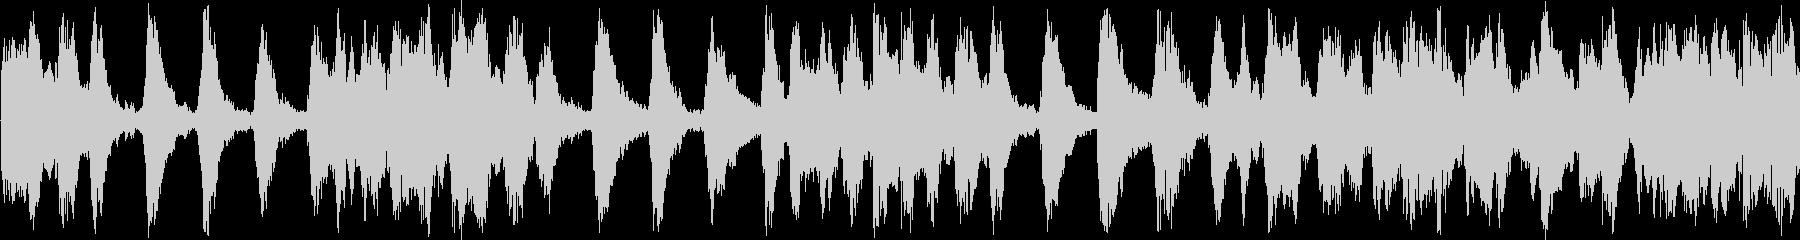 ストリングスをモチーフにしたループ楽曲…の未再生の波形